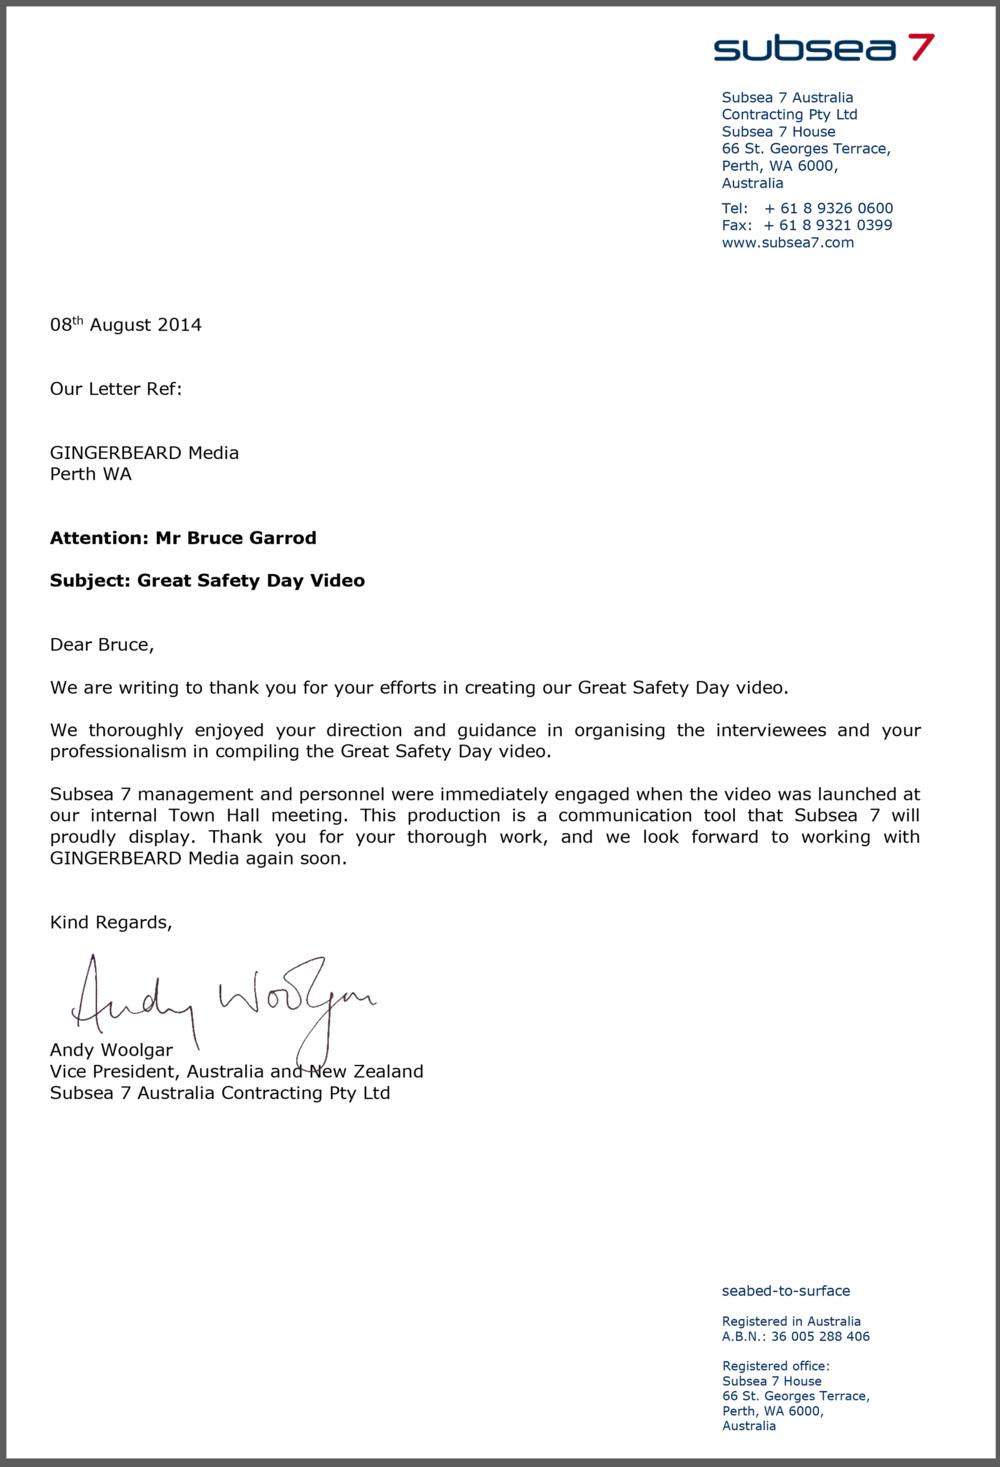 endorsement letter from subsea gingerbeard media